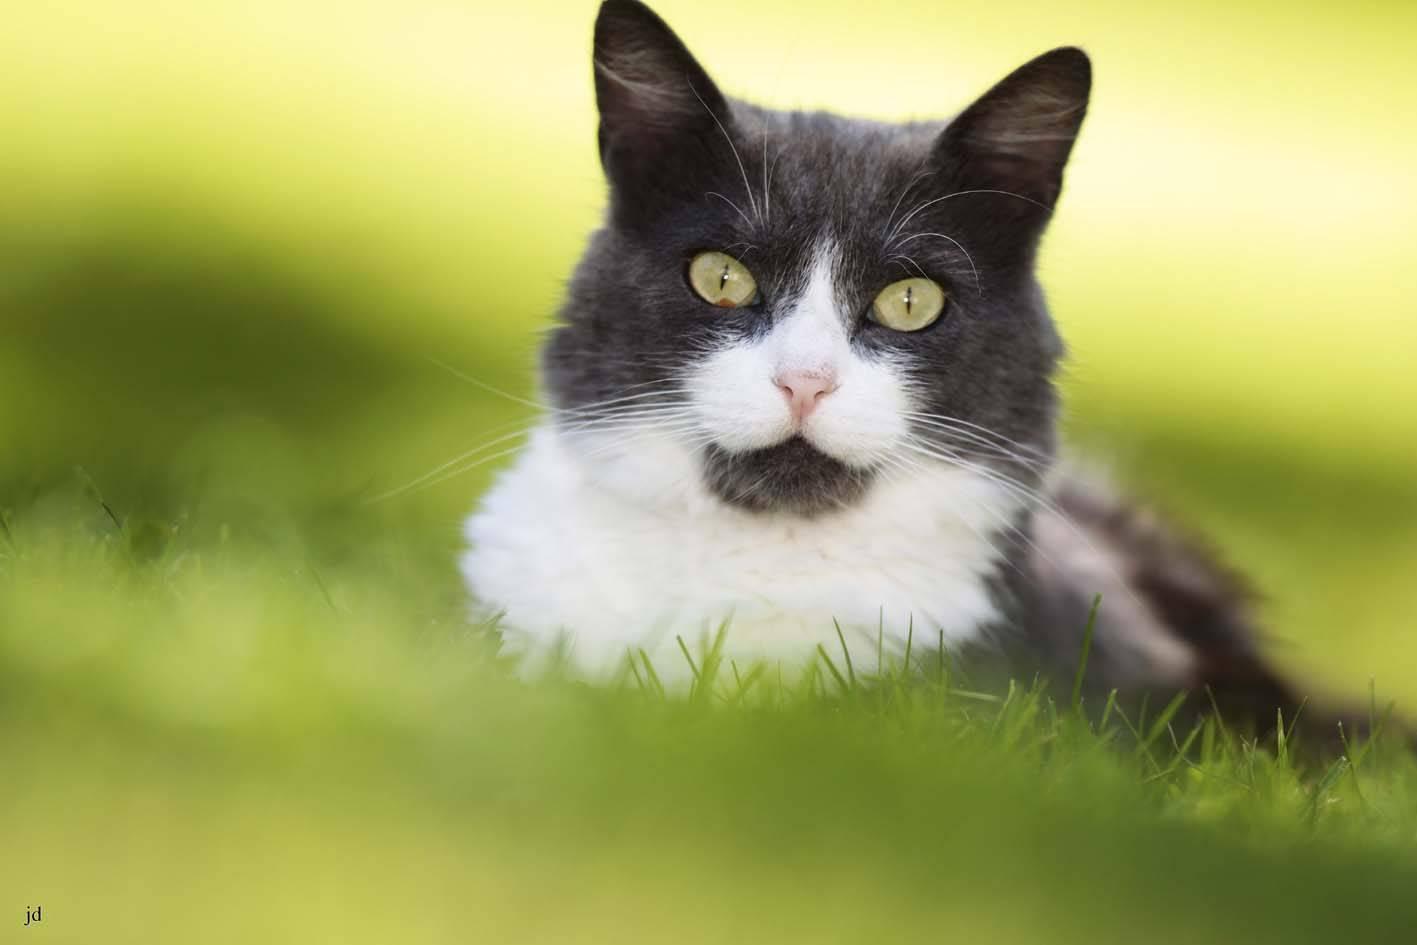 Moustache-2-kl